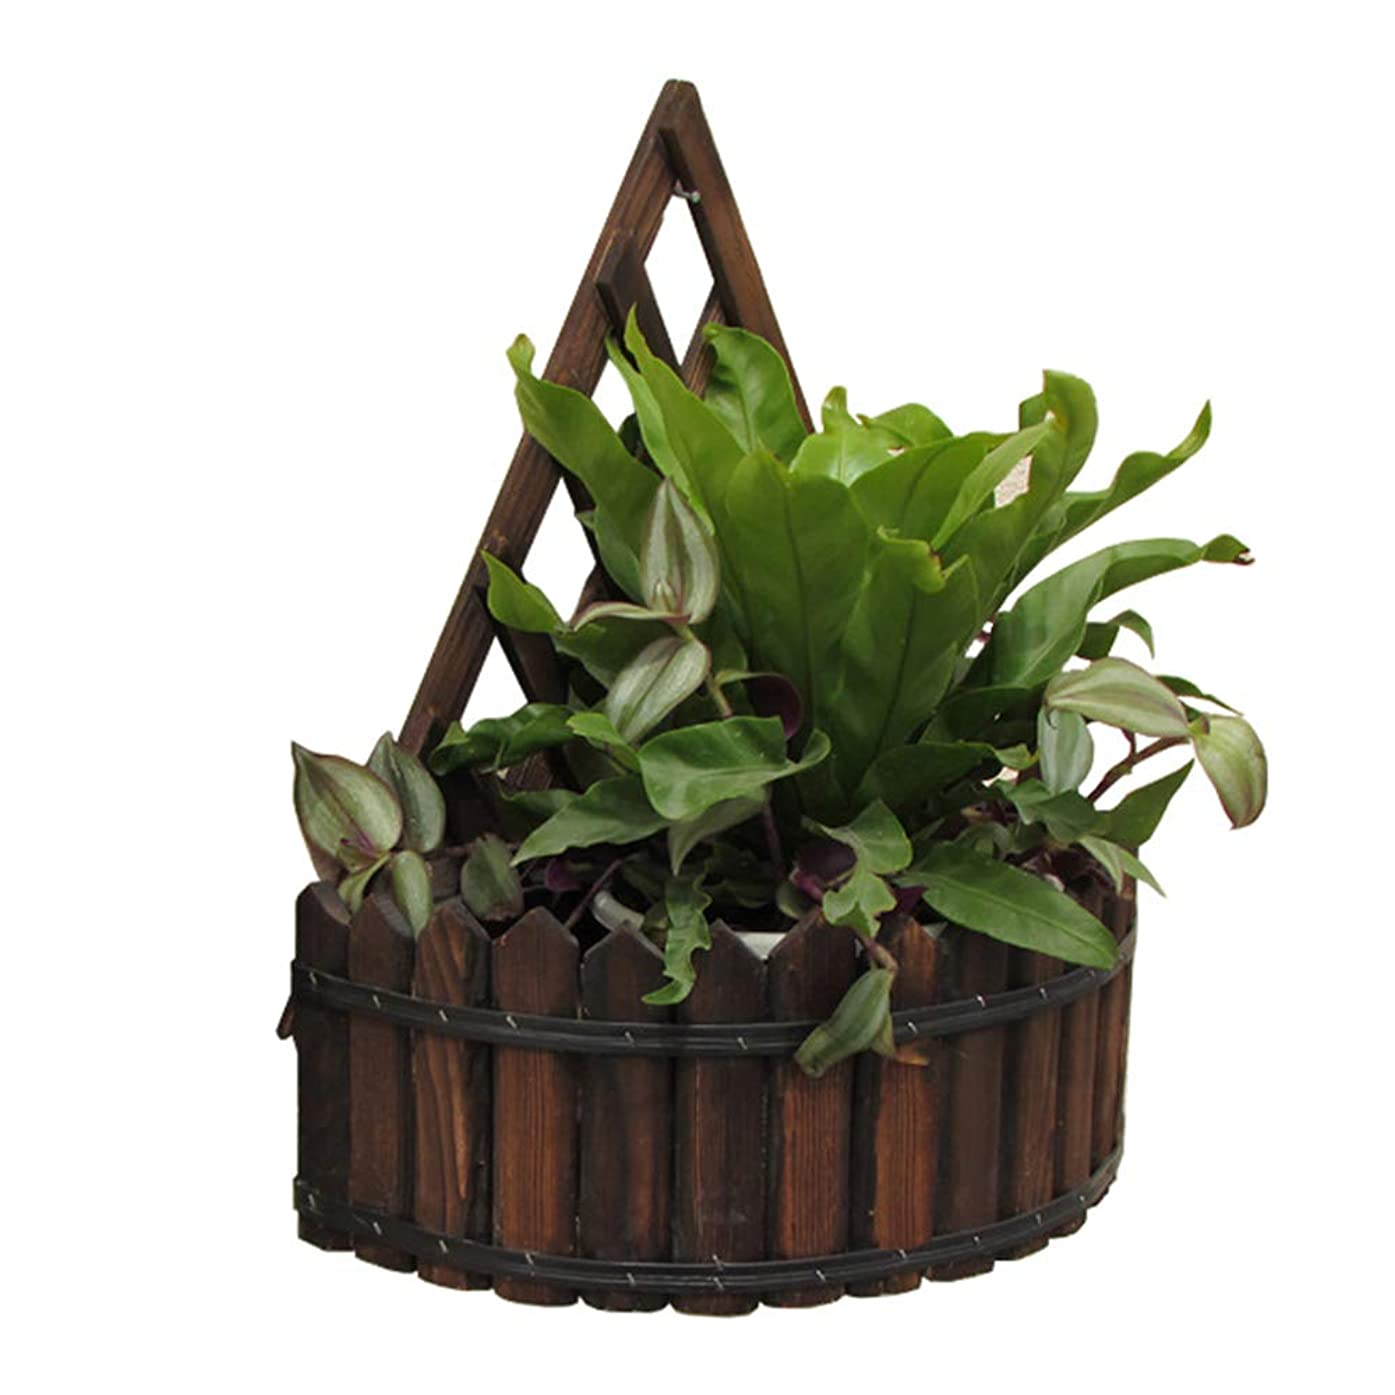 単なる位置する天バルコニーリビングルームぶら下げ蘭装飾壁フラワースタンド壁掛けグリーングリーン植物ラック植物ぶら下げフレームハンギングラックシングルサイズ30×35センチ